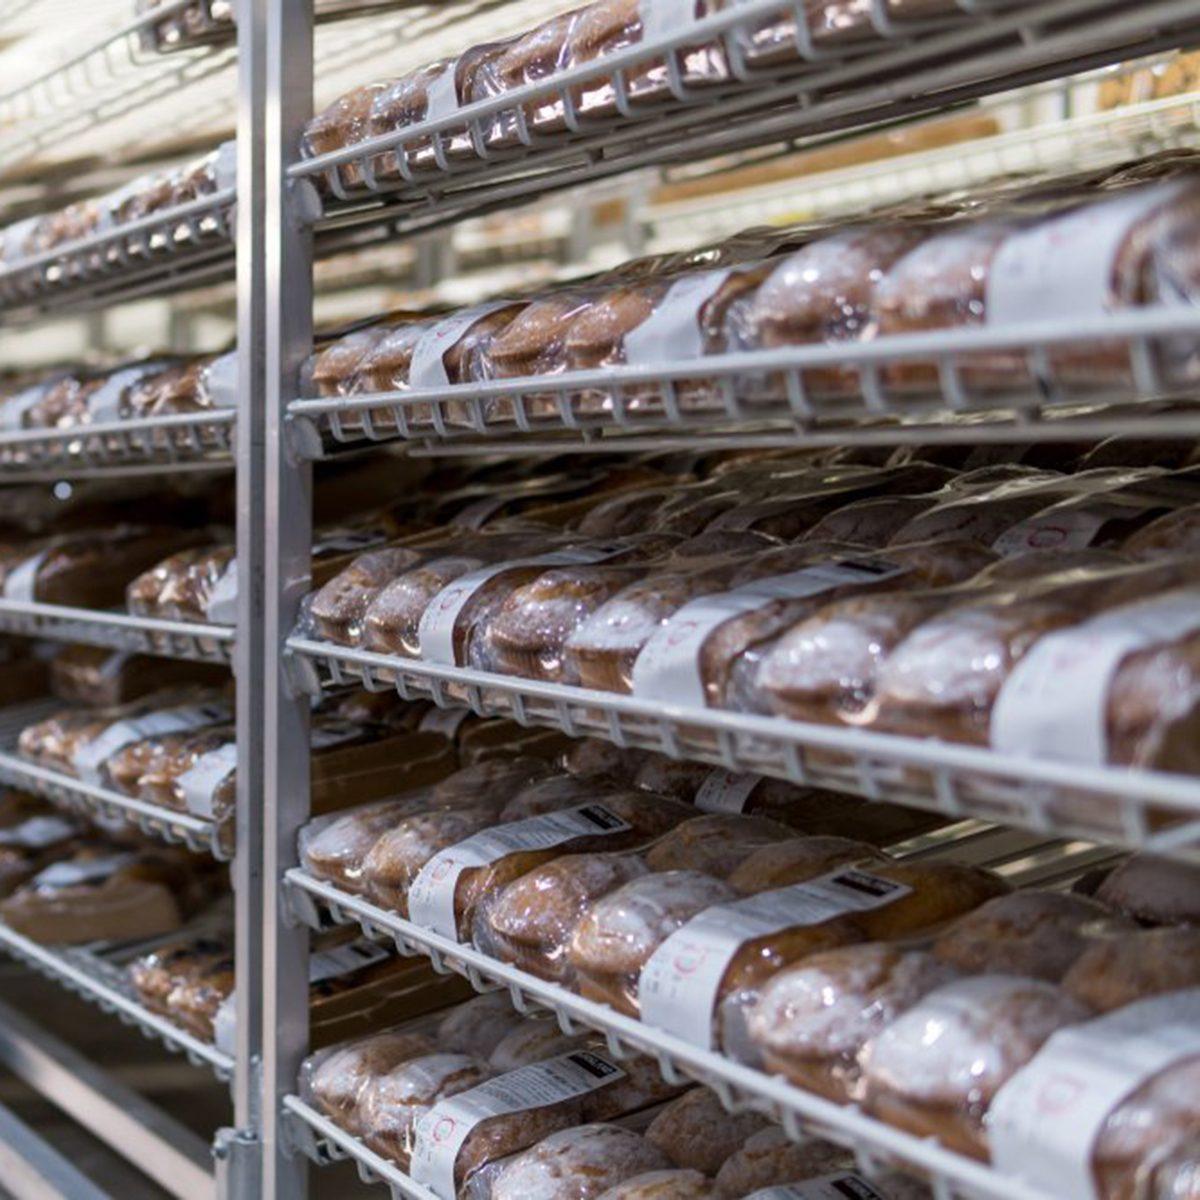 Bakery aisle